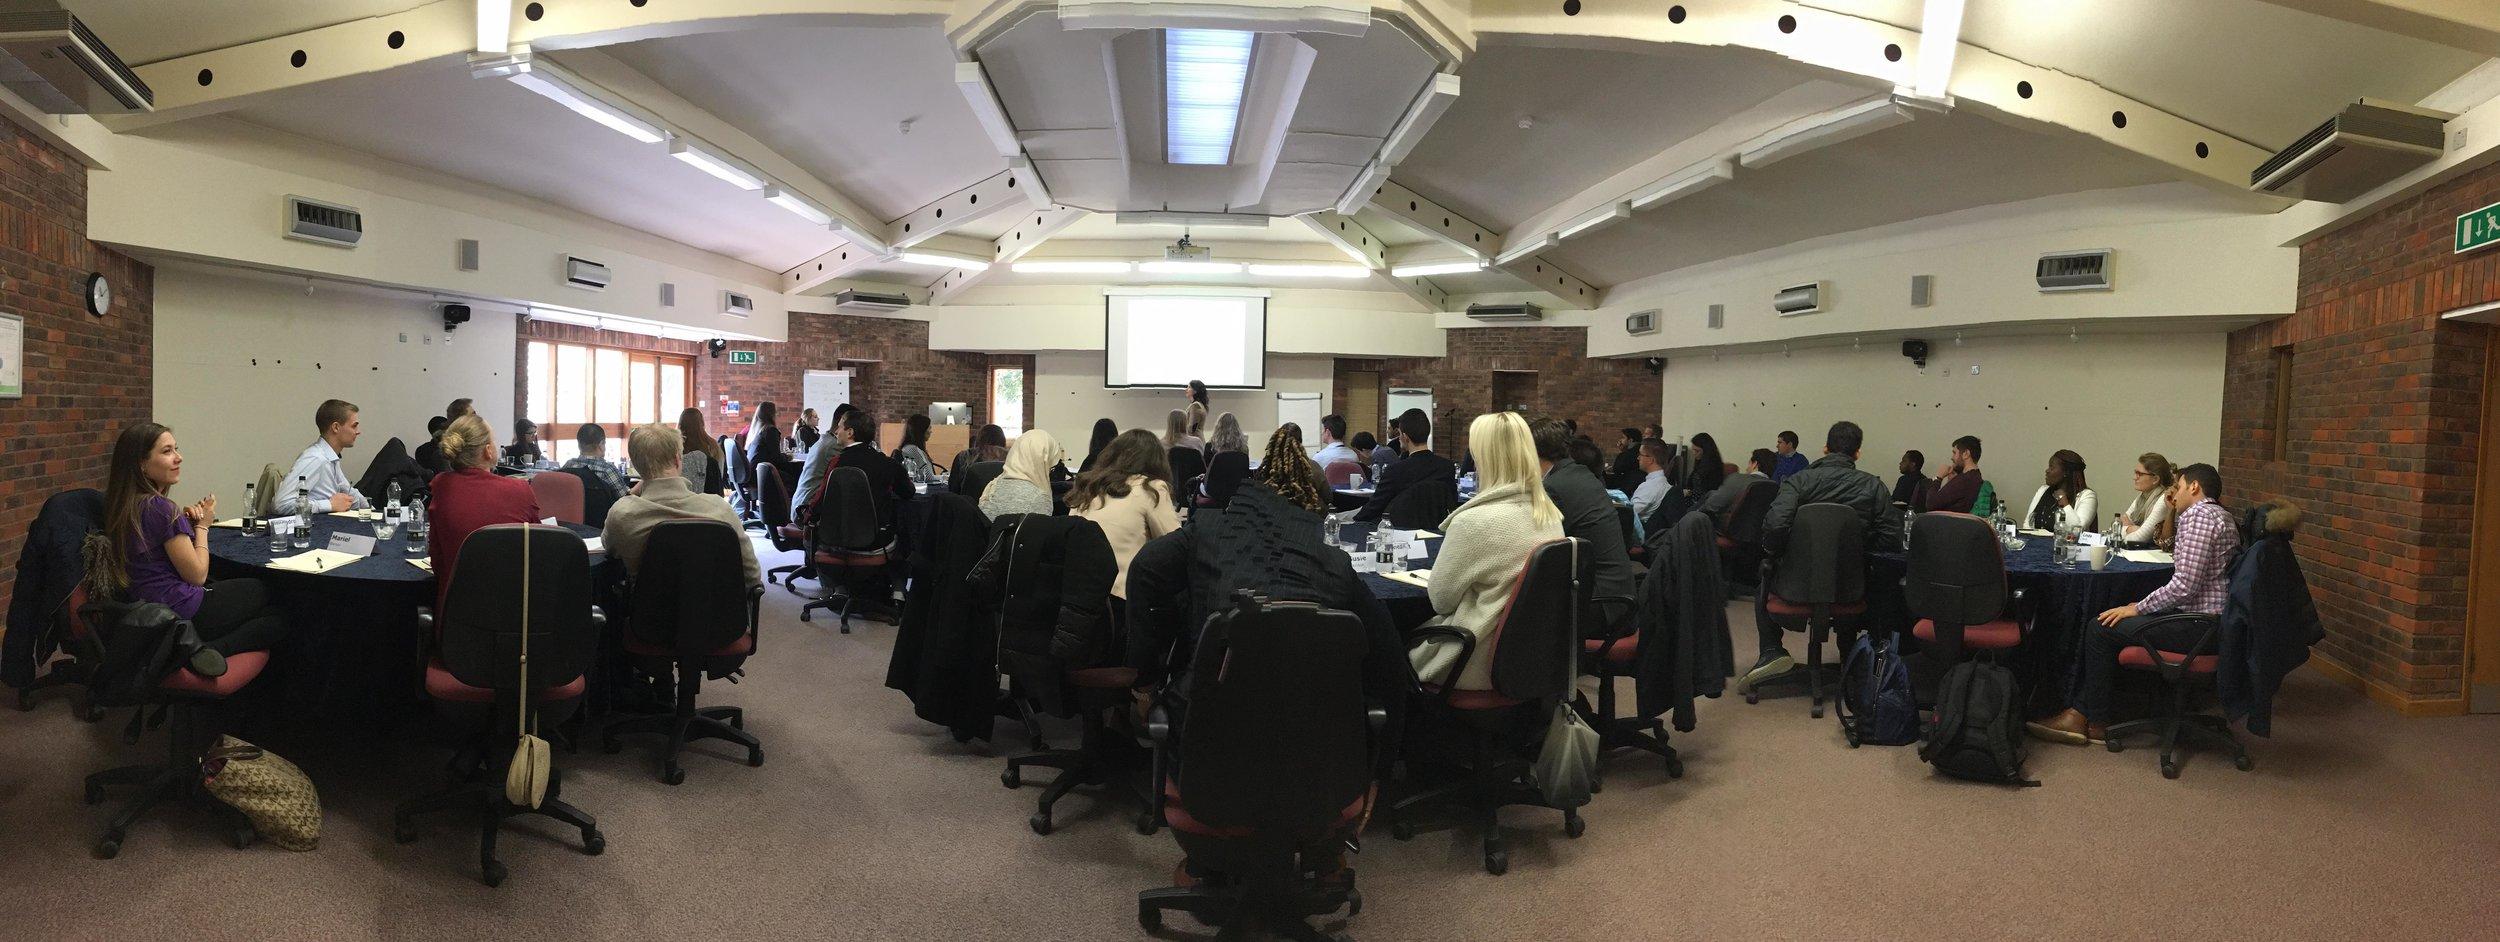 Margaréta előadása az Ashridge Business Schoolban, Nagy Britanniában